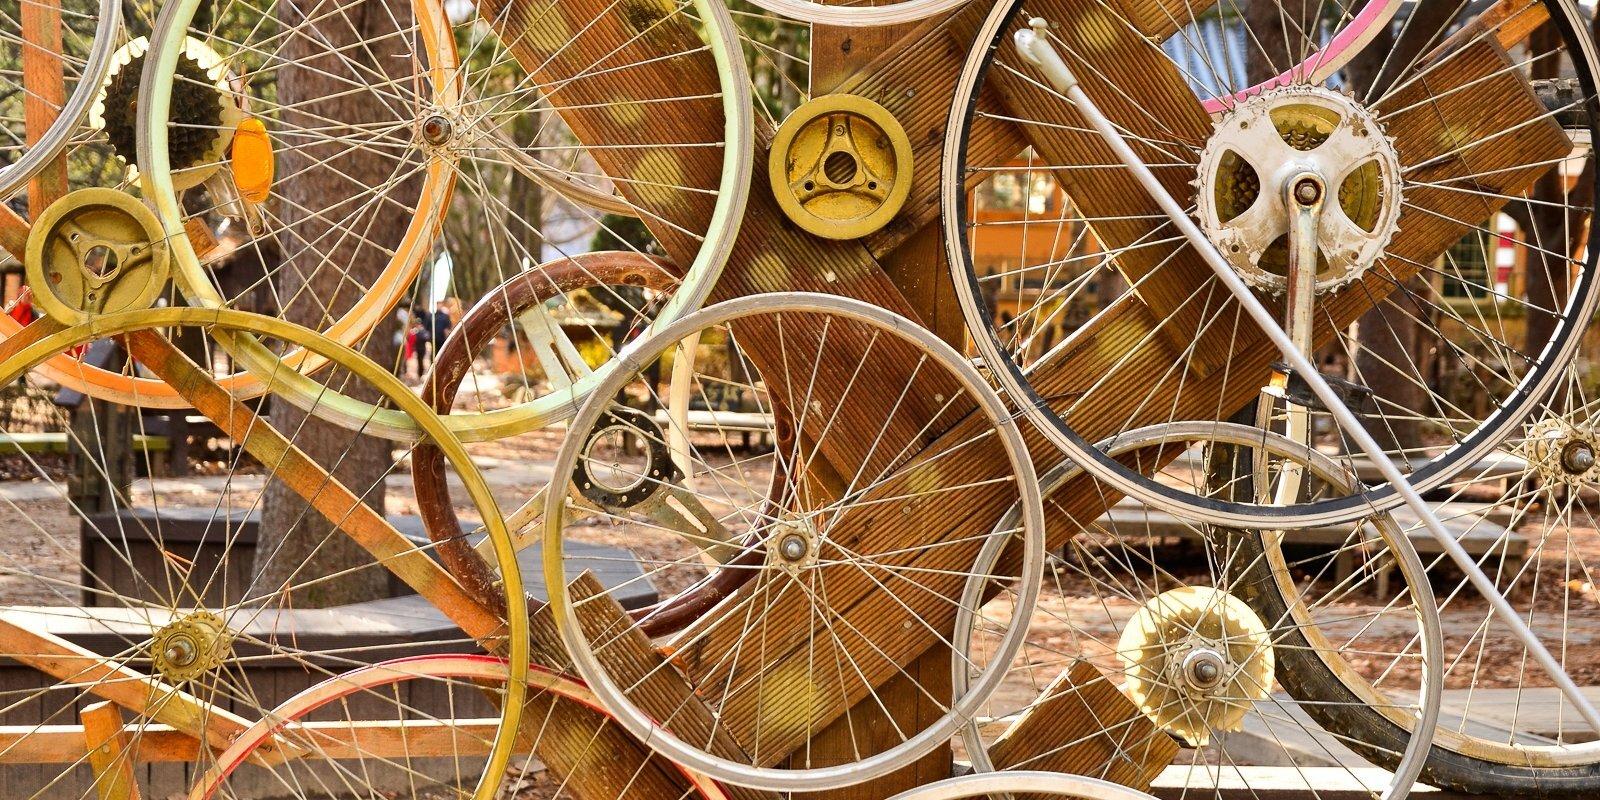 """""""За велосипедами стоят в живой очереди"""". К чему привел дефицит велозапчастей?"""